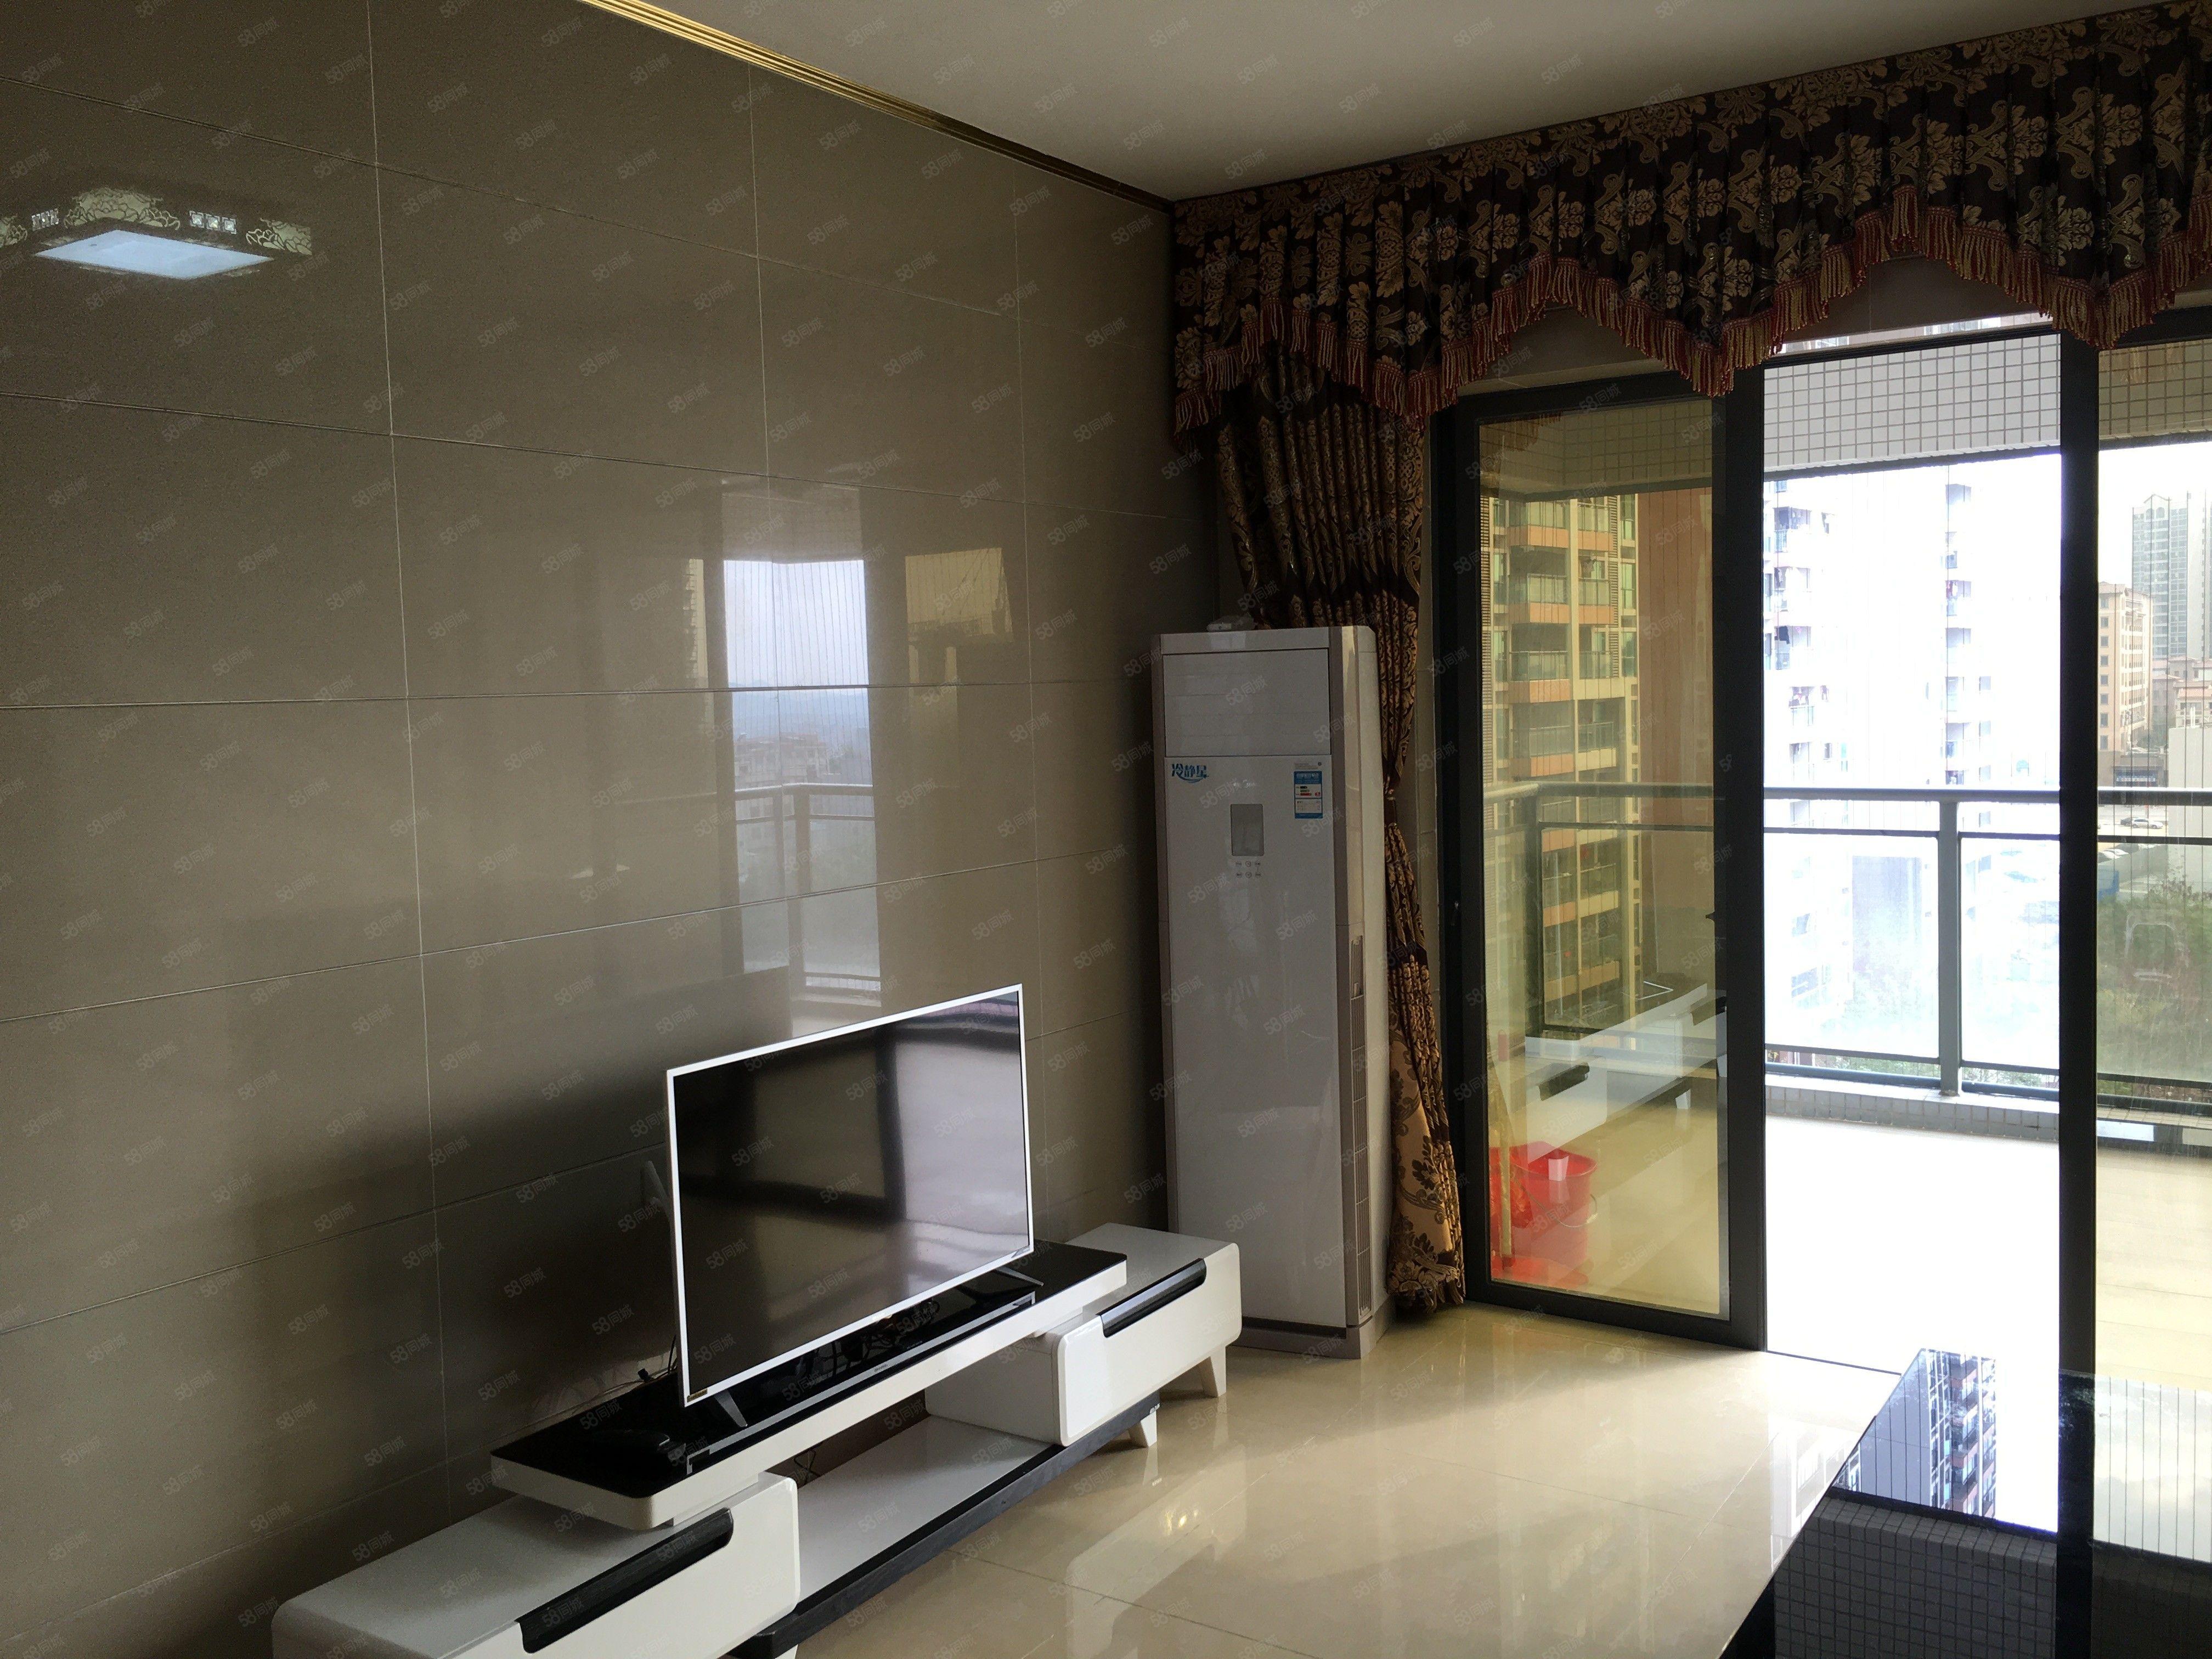 澳门二十一点游戏京源上景128方三房,家电齐全,装修新净,2500银